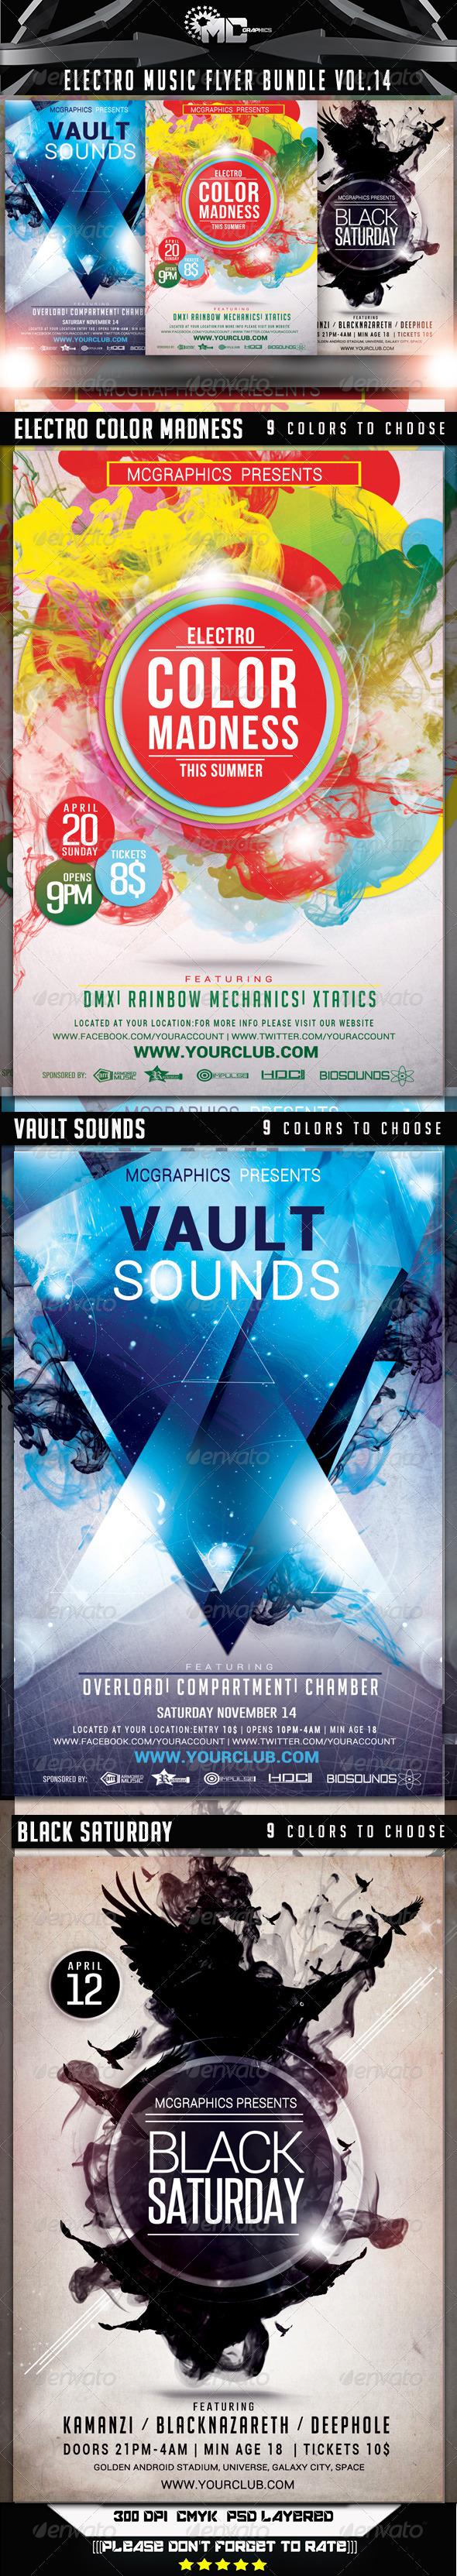 GraphicRiver Electro Music Flyer Bundle Vol.14 7549651